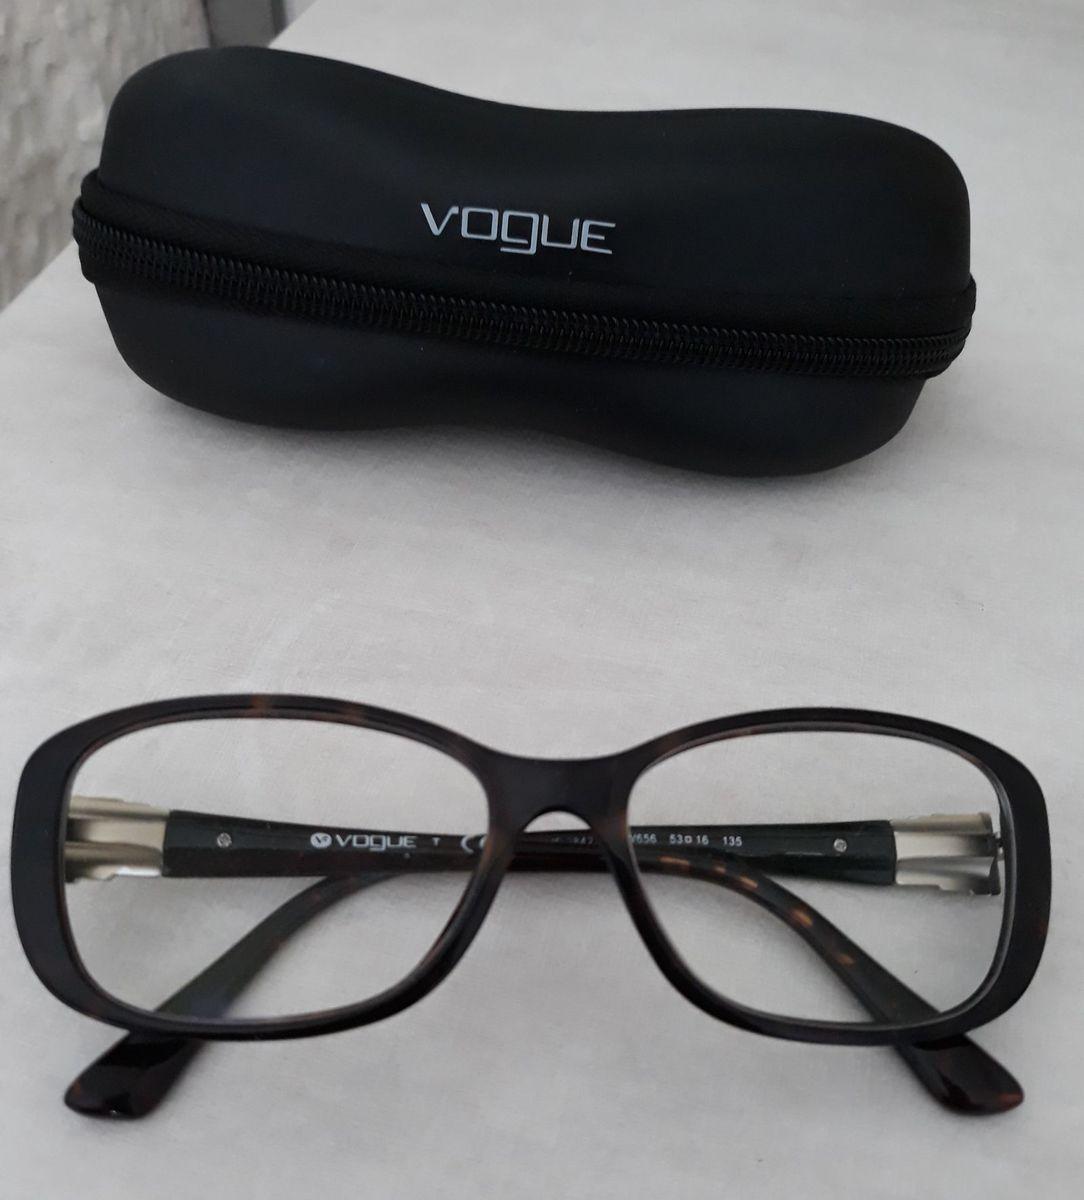 8fae36622 armação óculos de grau vogue - óculos vogue.  Czm6ly9wag90b3muzw5qb2vplmnvbs5ici9wcm9kdwn0cy83nzu0ntuzlzg5ndgyotq2njy2zty4n2y4mtq0m2q0odi3ndlhnzq0lmpwzw